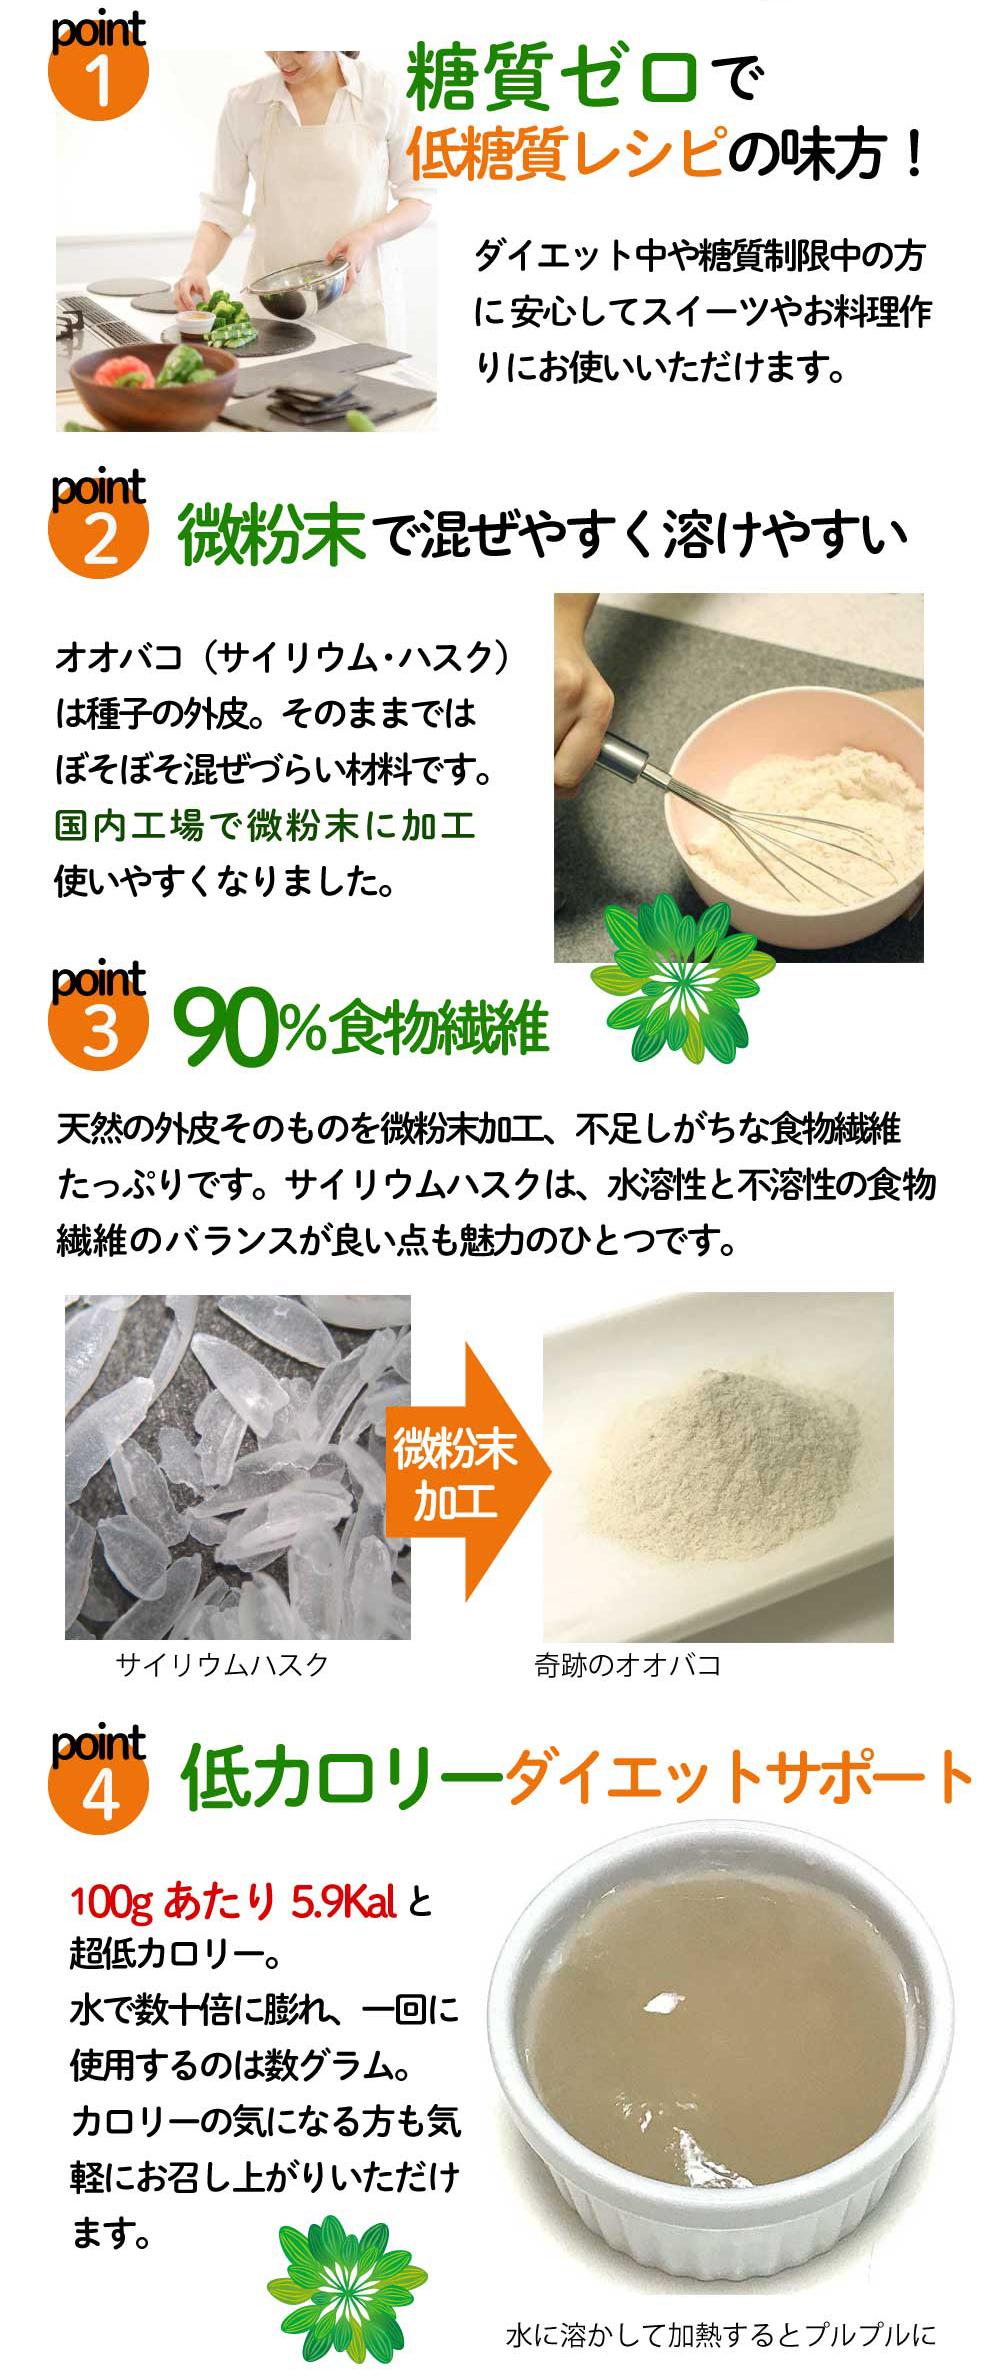 オオバコ サイリウム ハスク 食物繊維 90% オオバコダイエット に 糖質ゼロ 奇跡のオオバコを